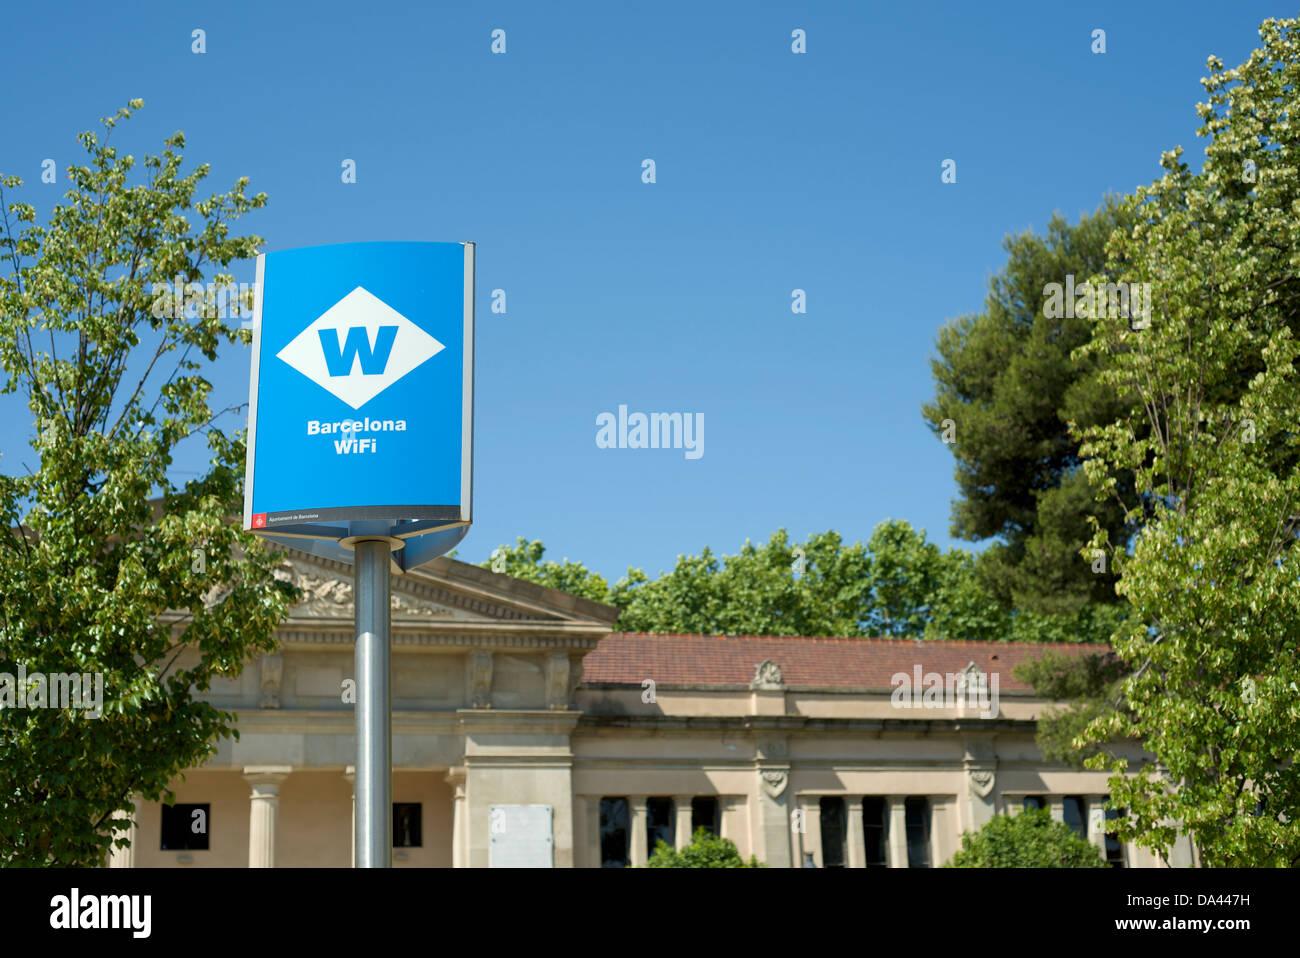 Poteau de signalisation pour les hotspot wi-fi à Barcelone, Espagne Photo Stock